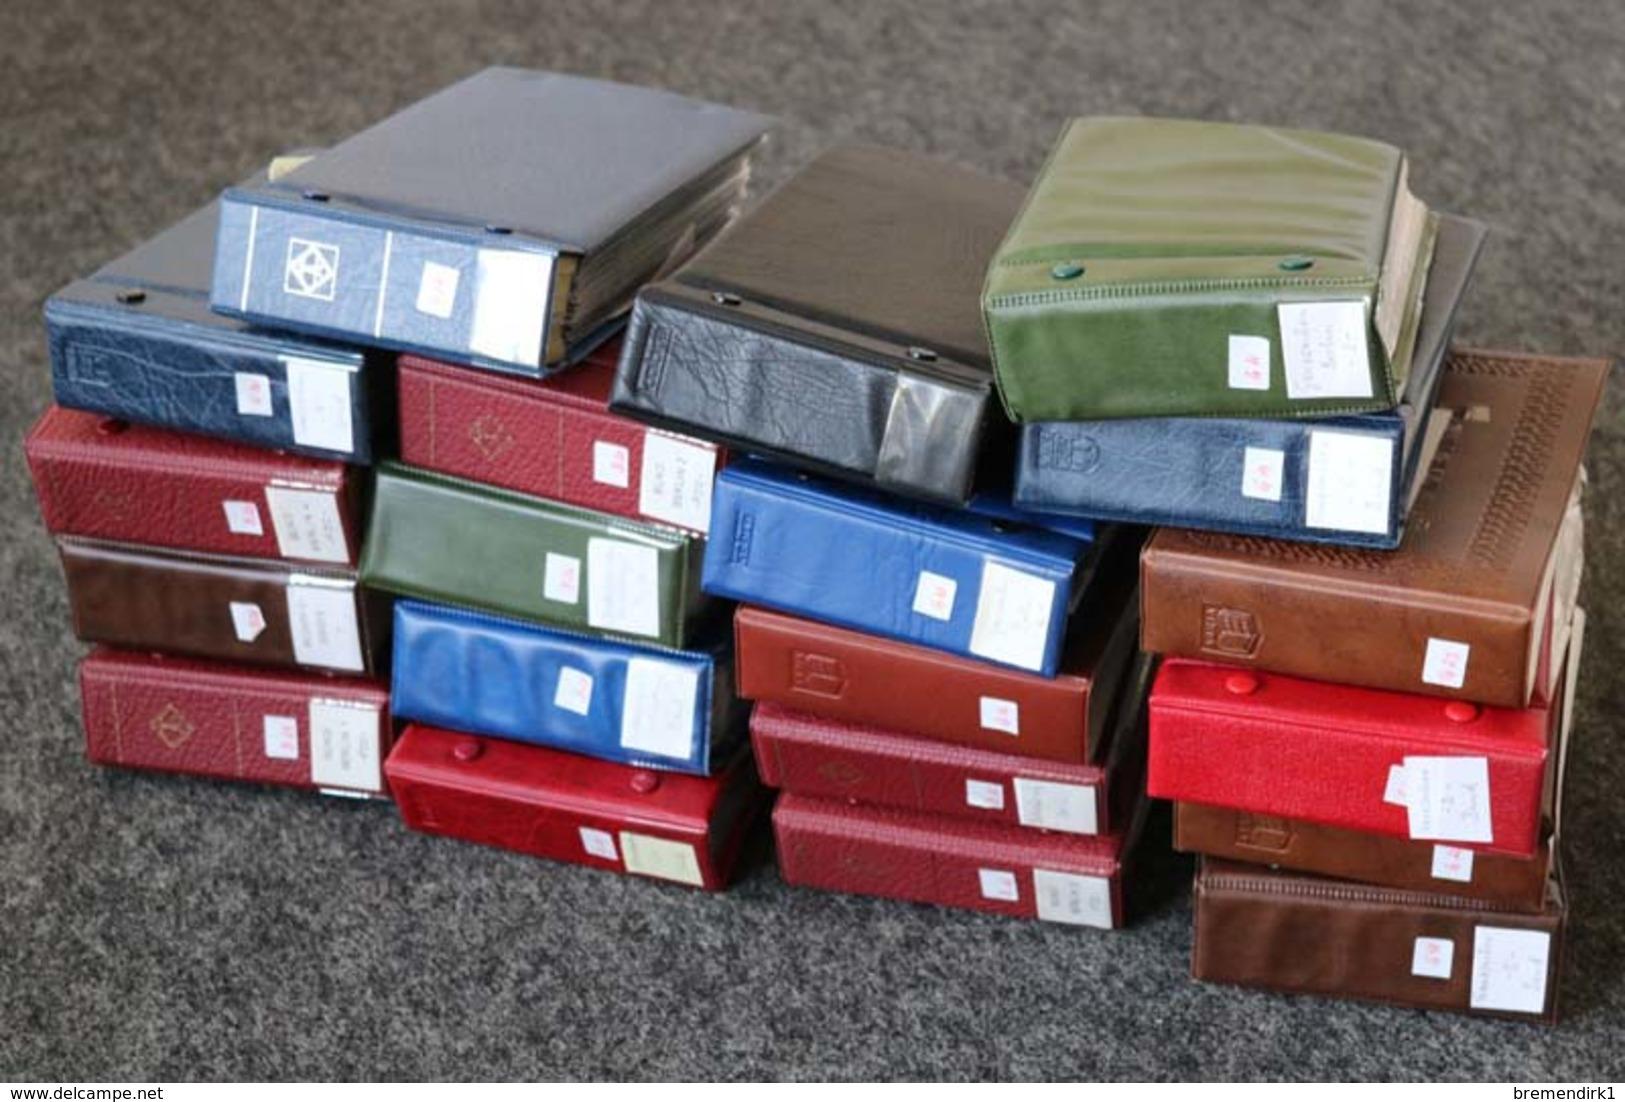 BUND/BERLIN Briefe Posten  FDC, Karten, GA`s In 20 Briefe-Alben, DIE HÄLFTE DARGESTELLT !!! Ca. 1700 Stück ....186 (F) - Timbres